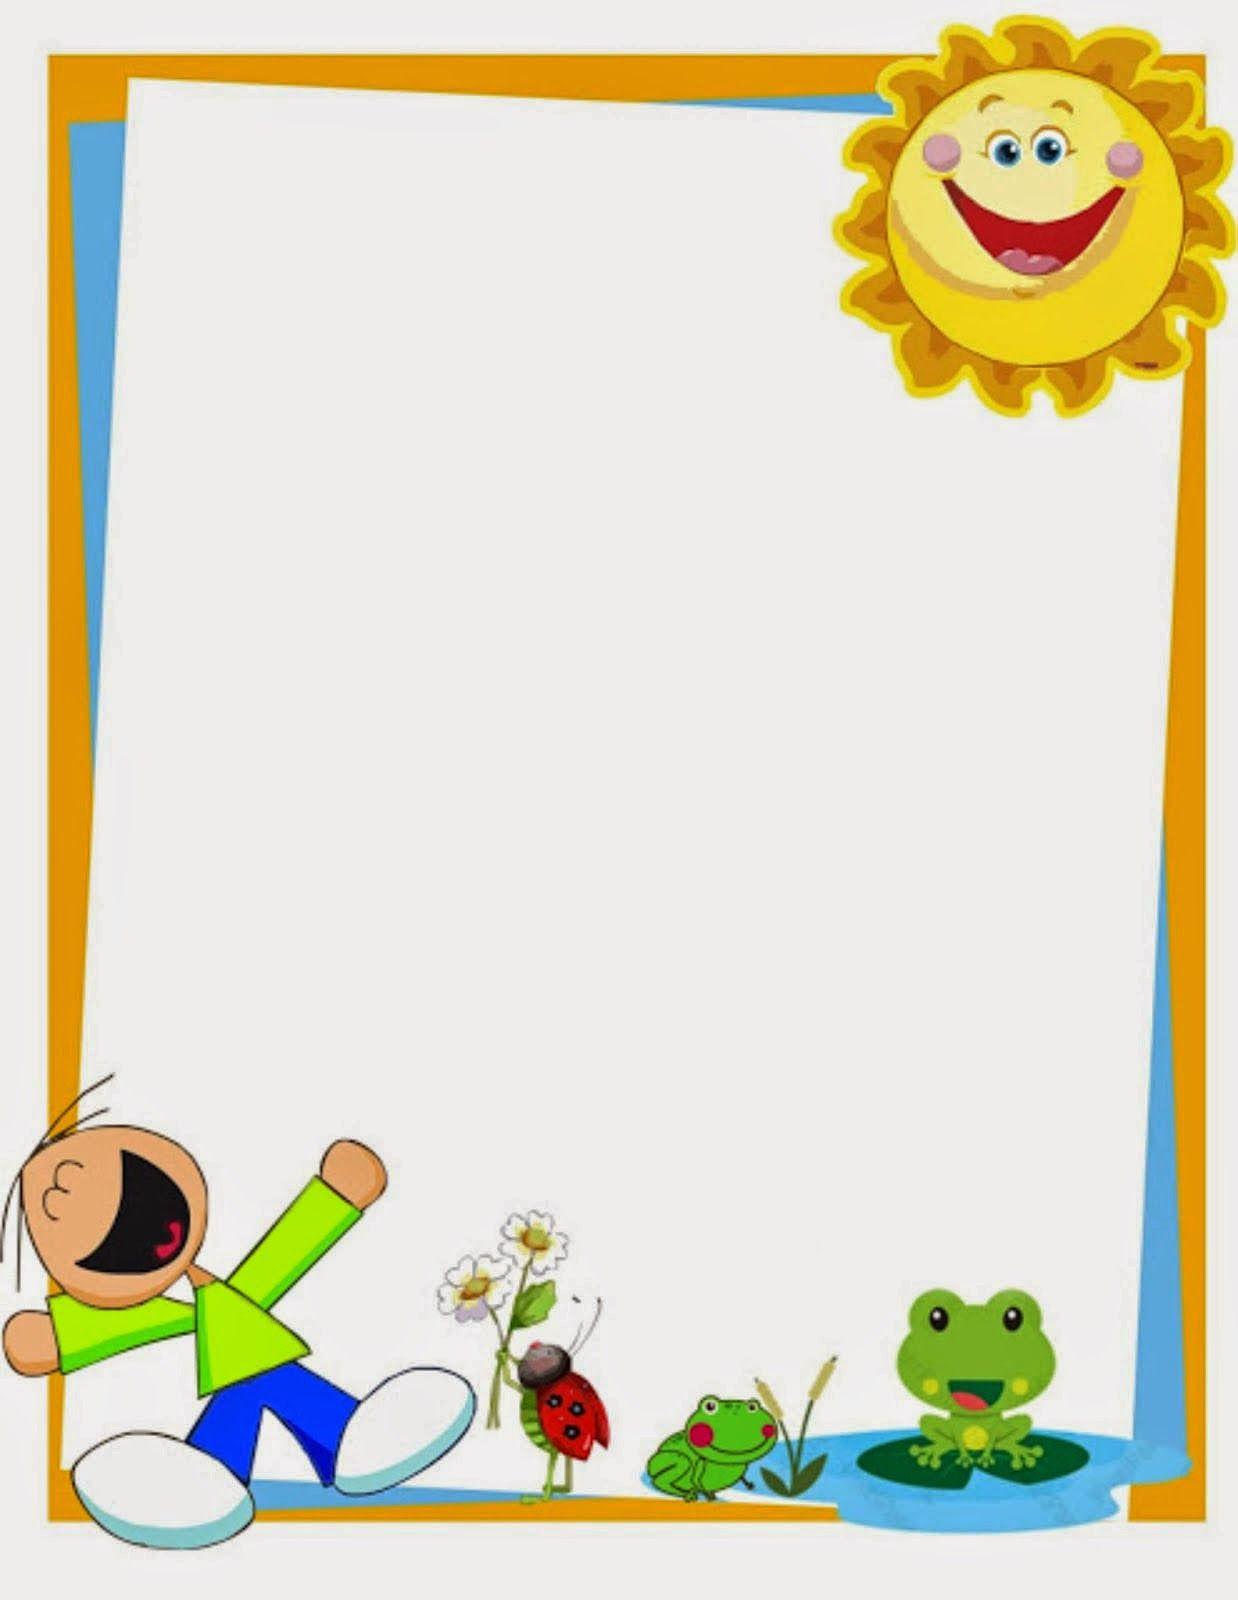 Caratulas para cuadernos de niños … | cuadernos | Pinterest ...